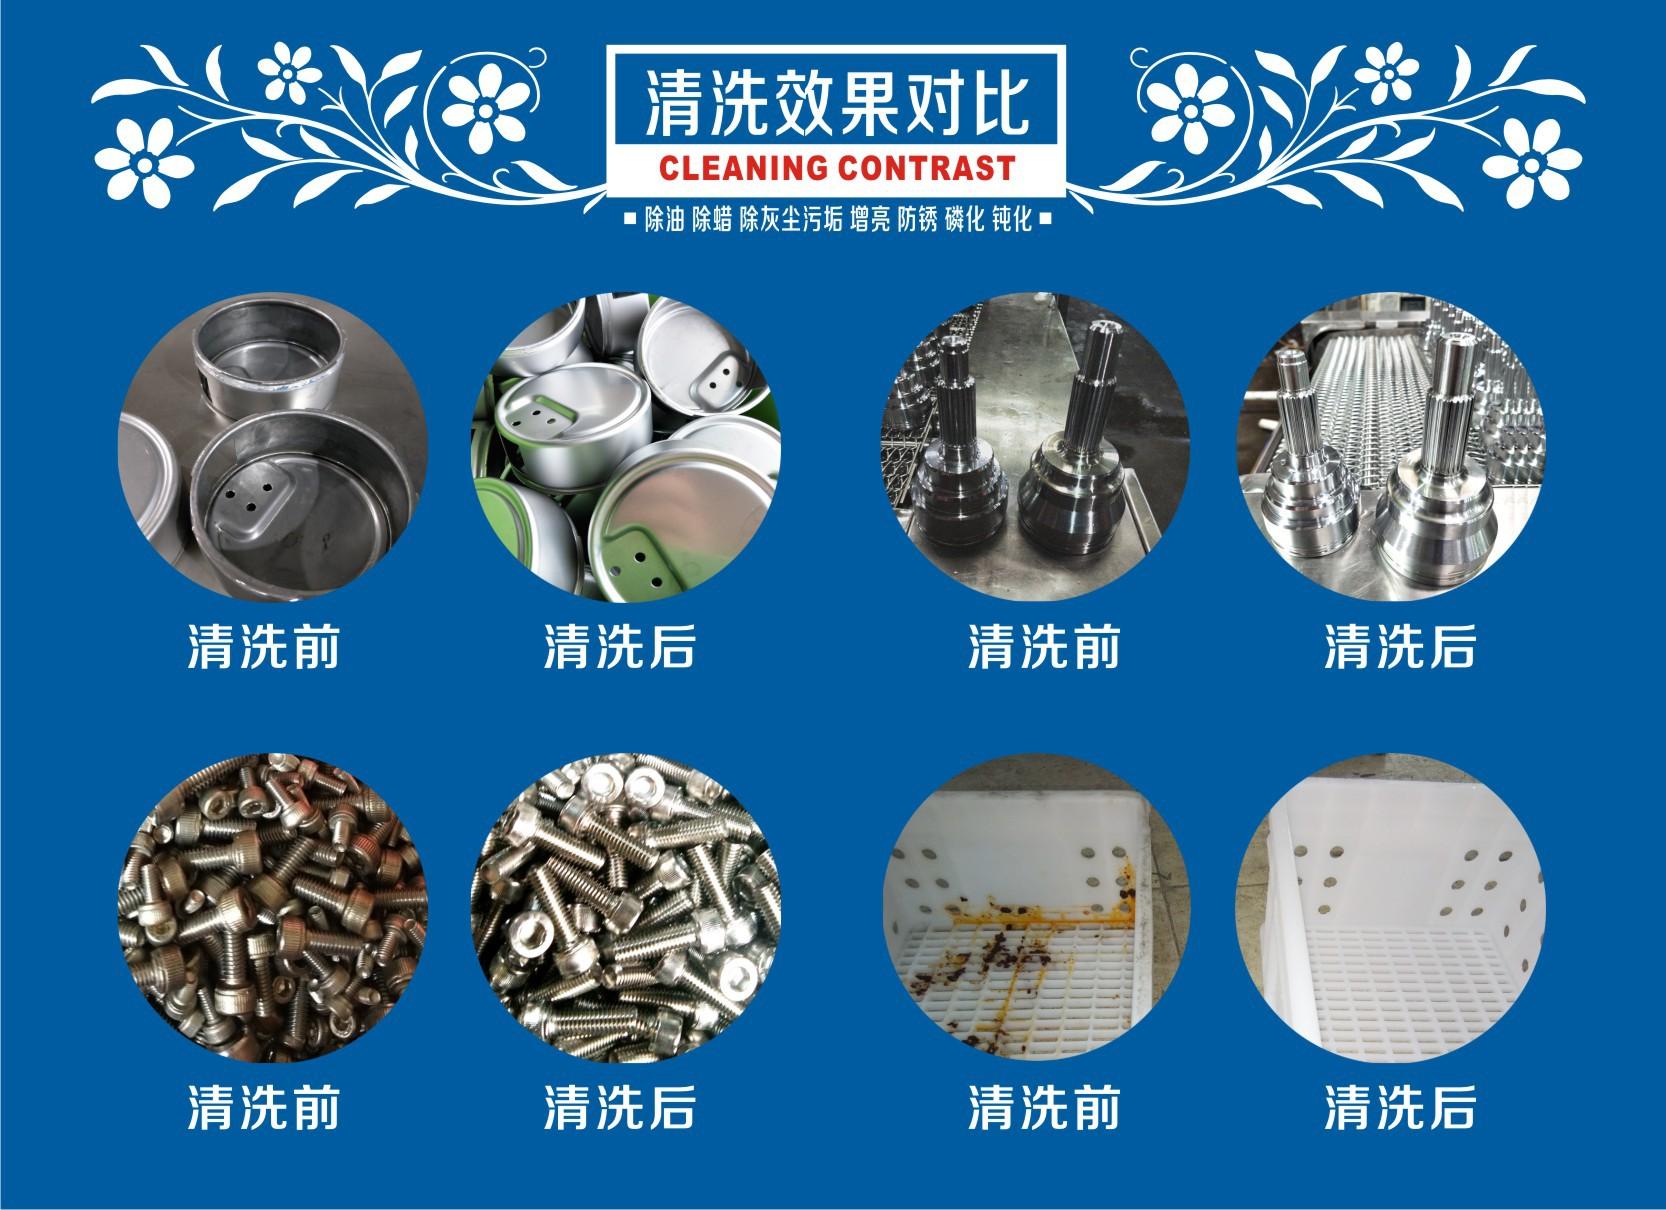 铝合金压铸件批量除油除屑通过式超声波喷淋清洗烘干线设备厂家示例图8